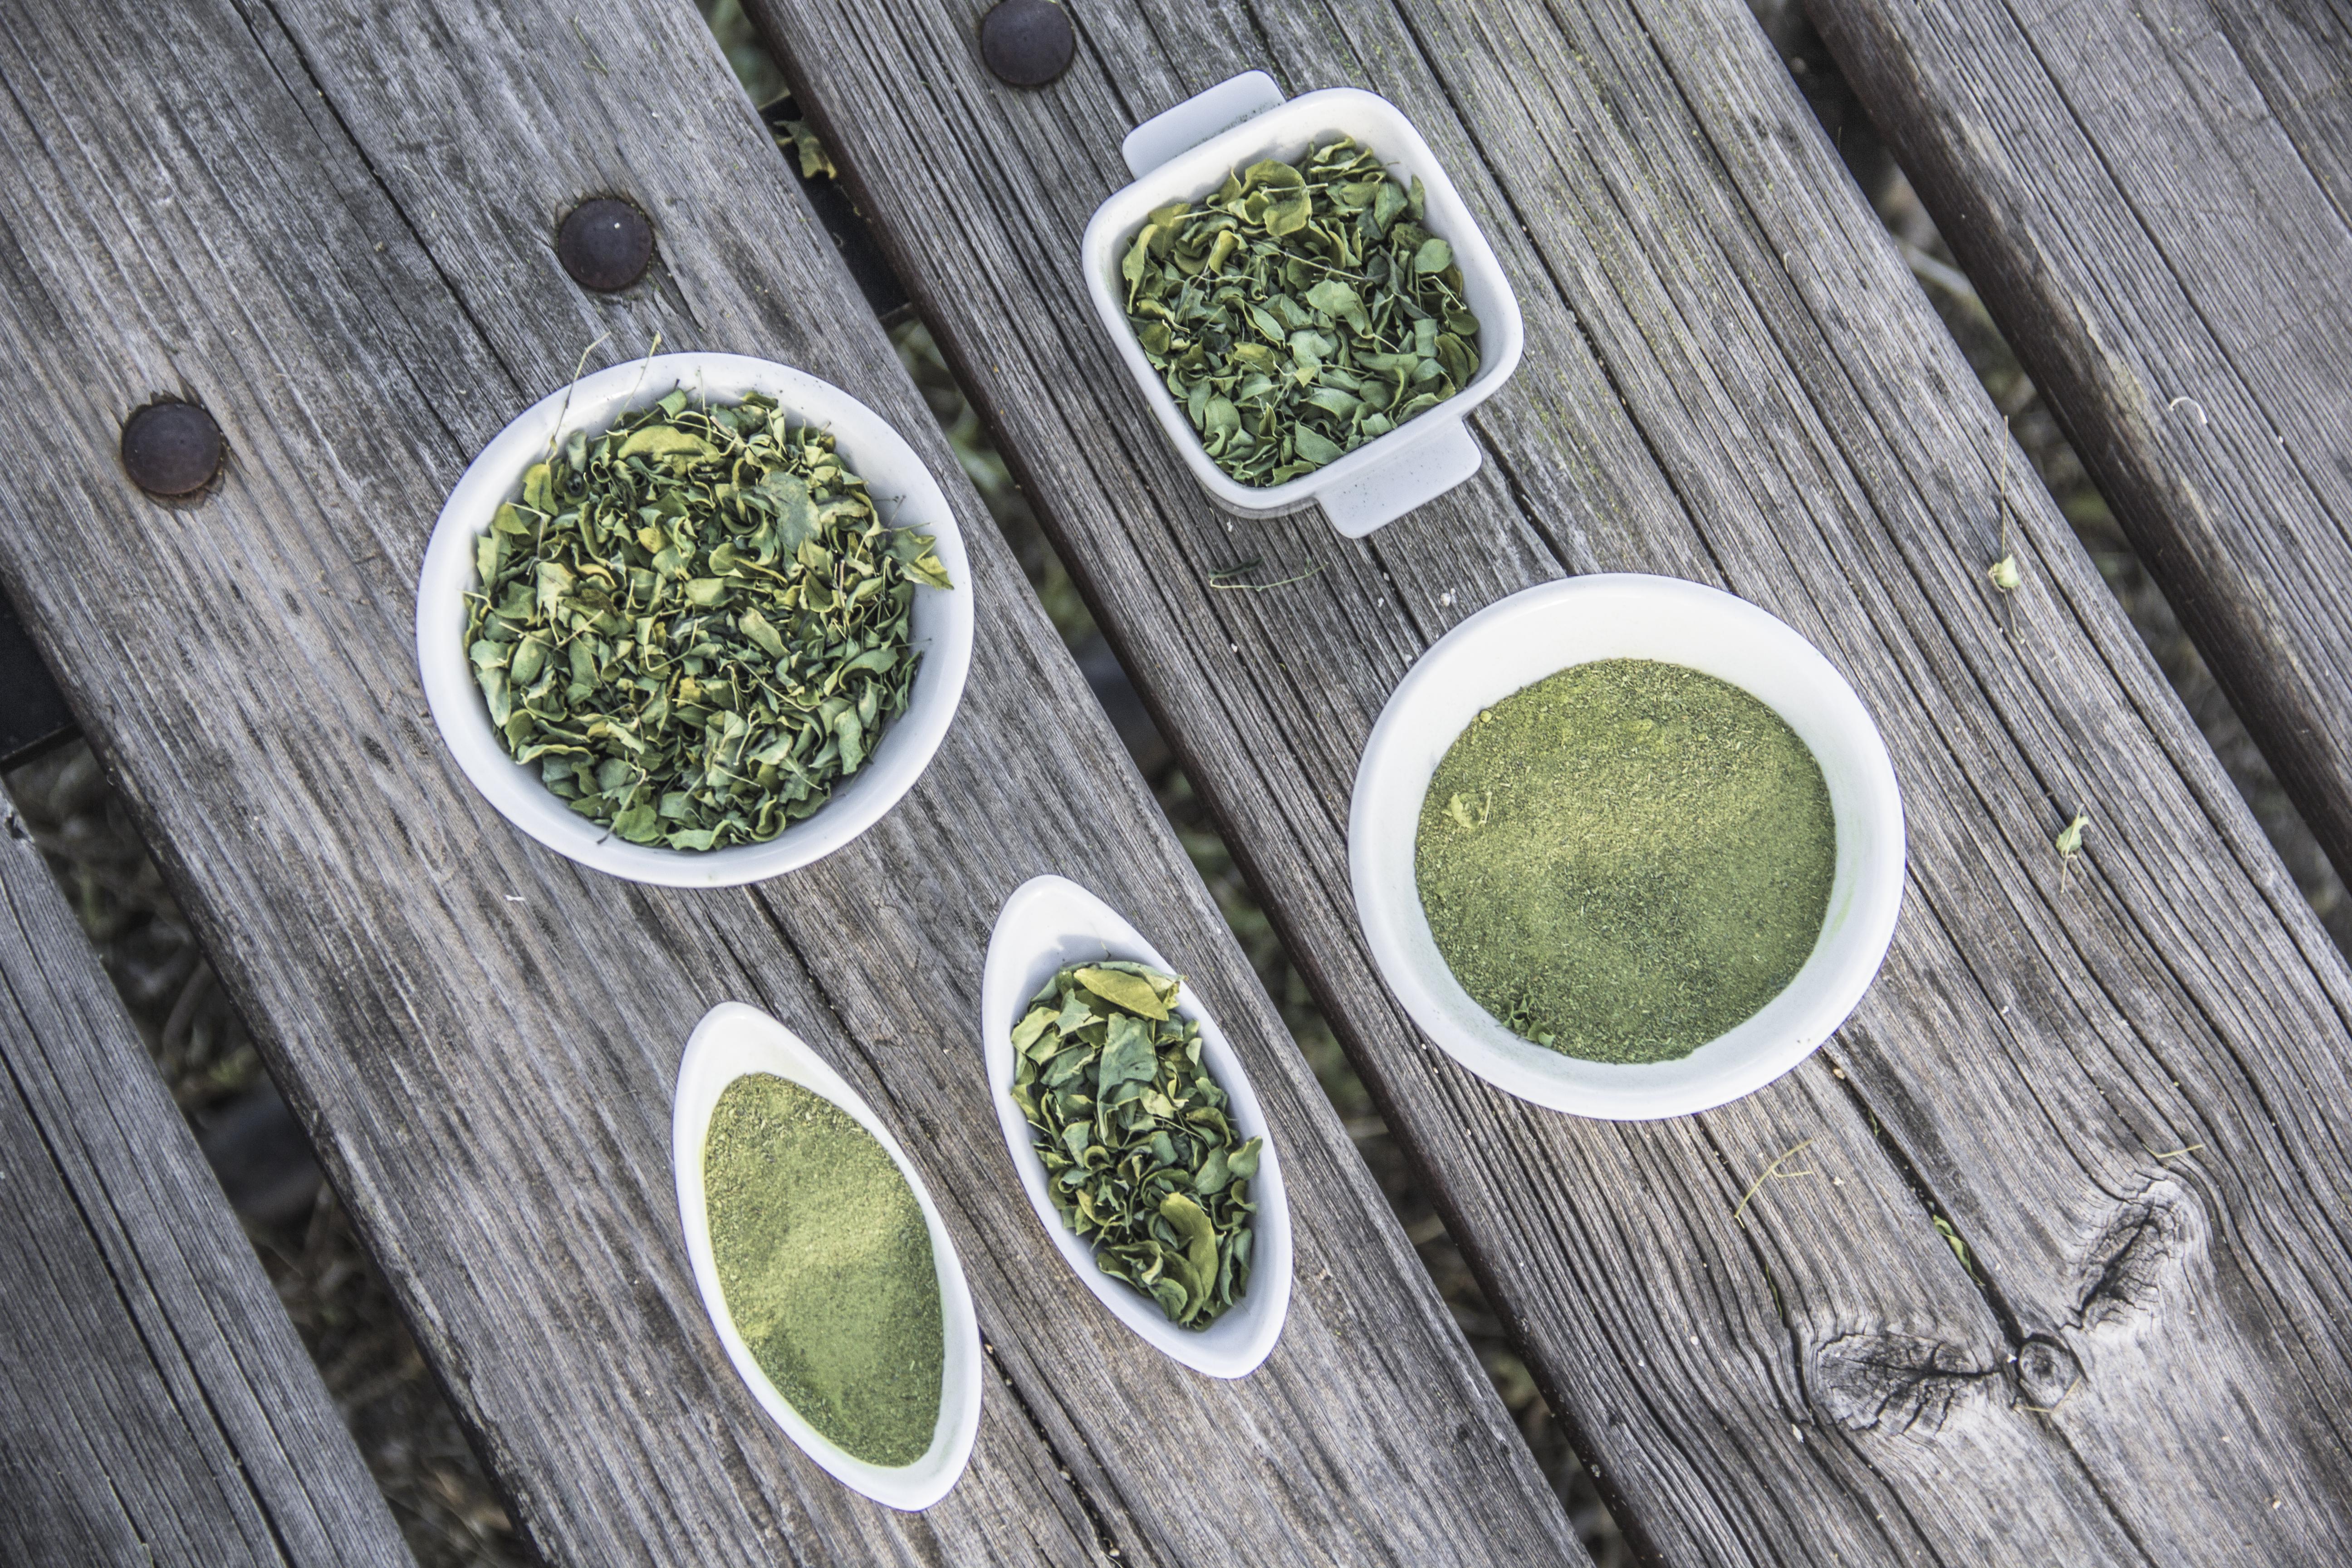 El polvo de Moringa se obtiene mediante molienda de la hoja seca.